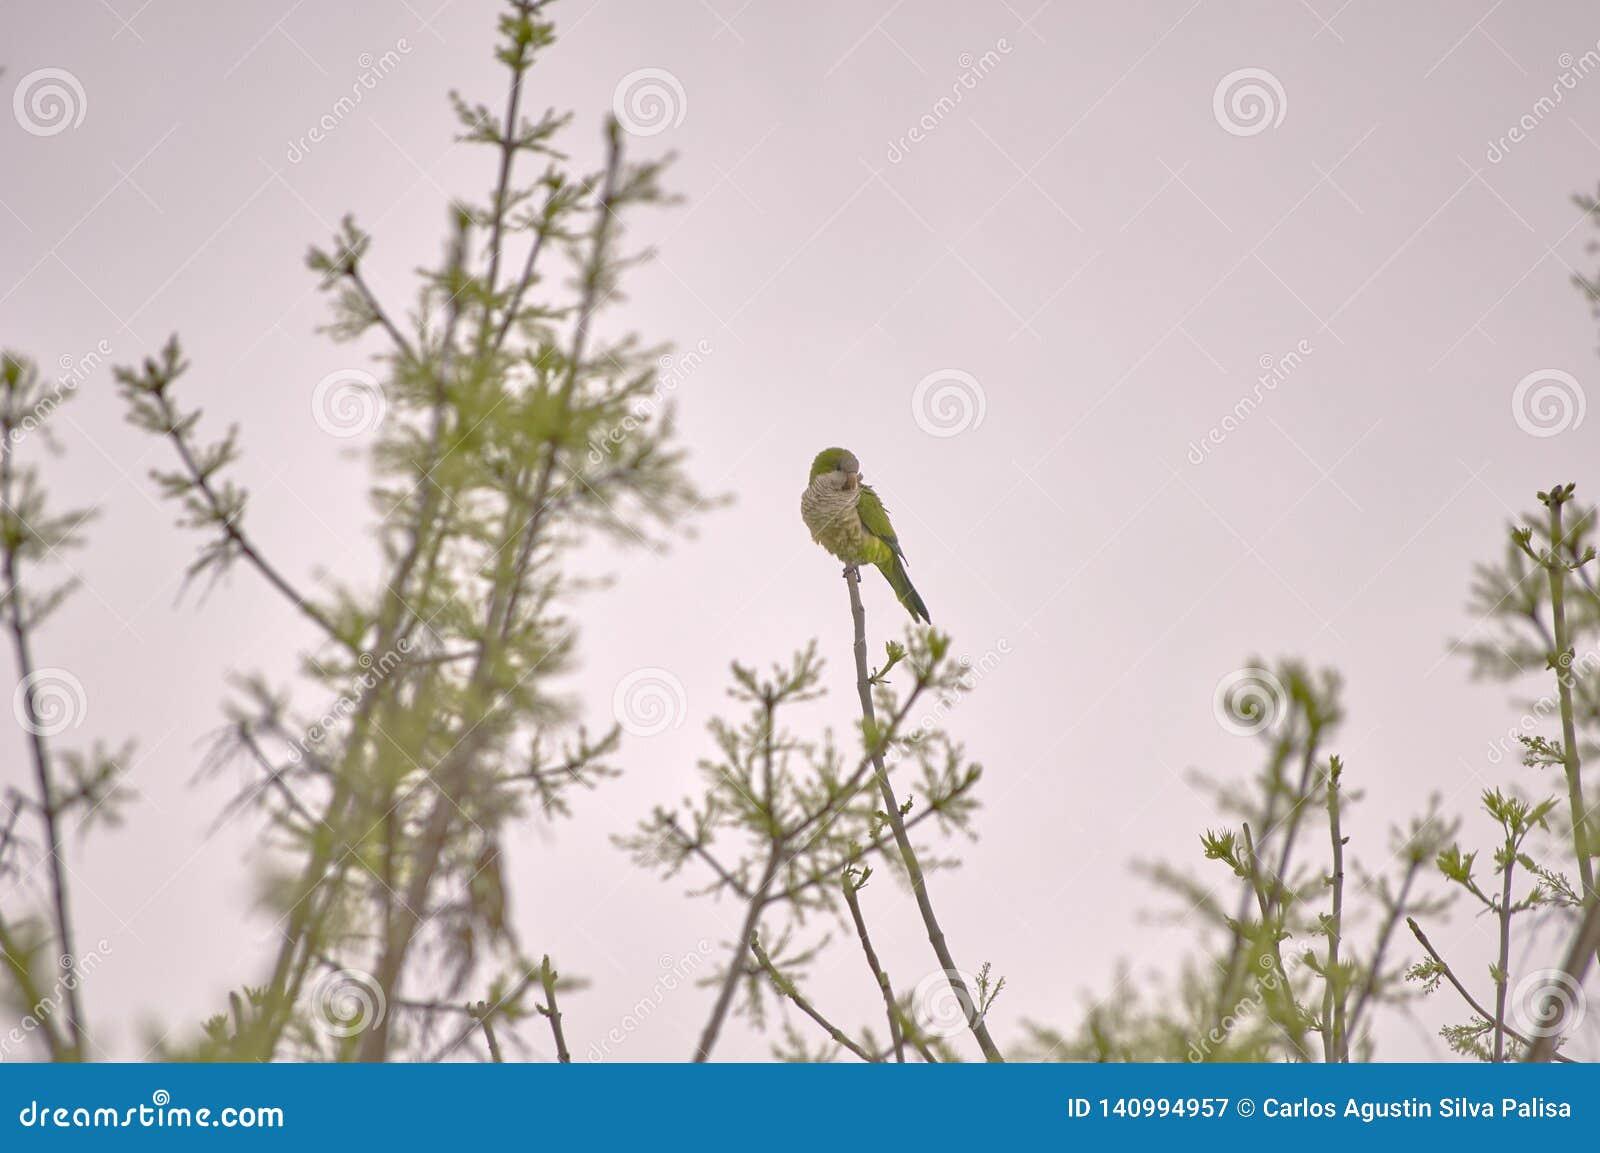 Perroquet vert sur un arbre au coucher du soleil